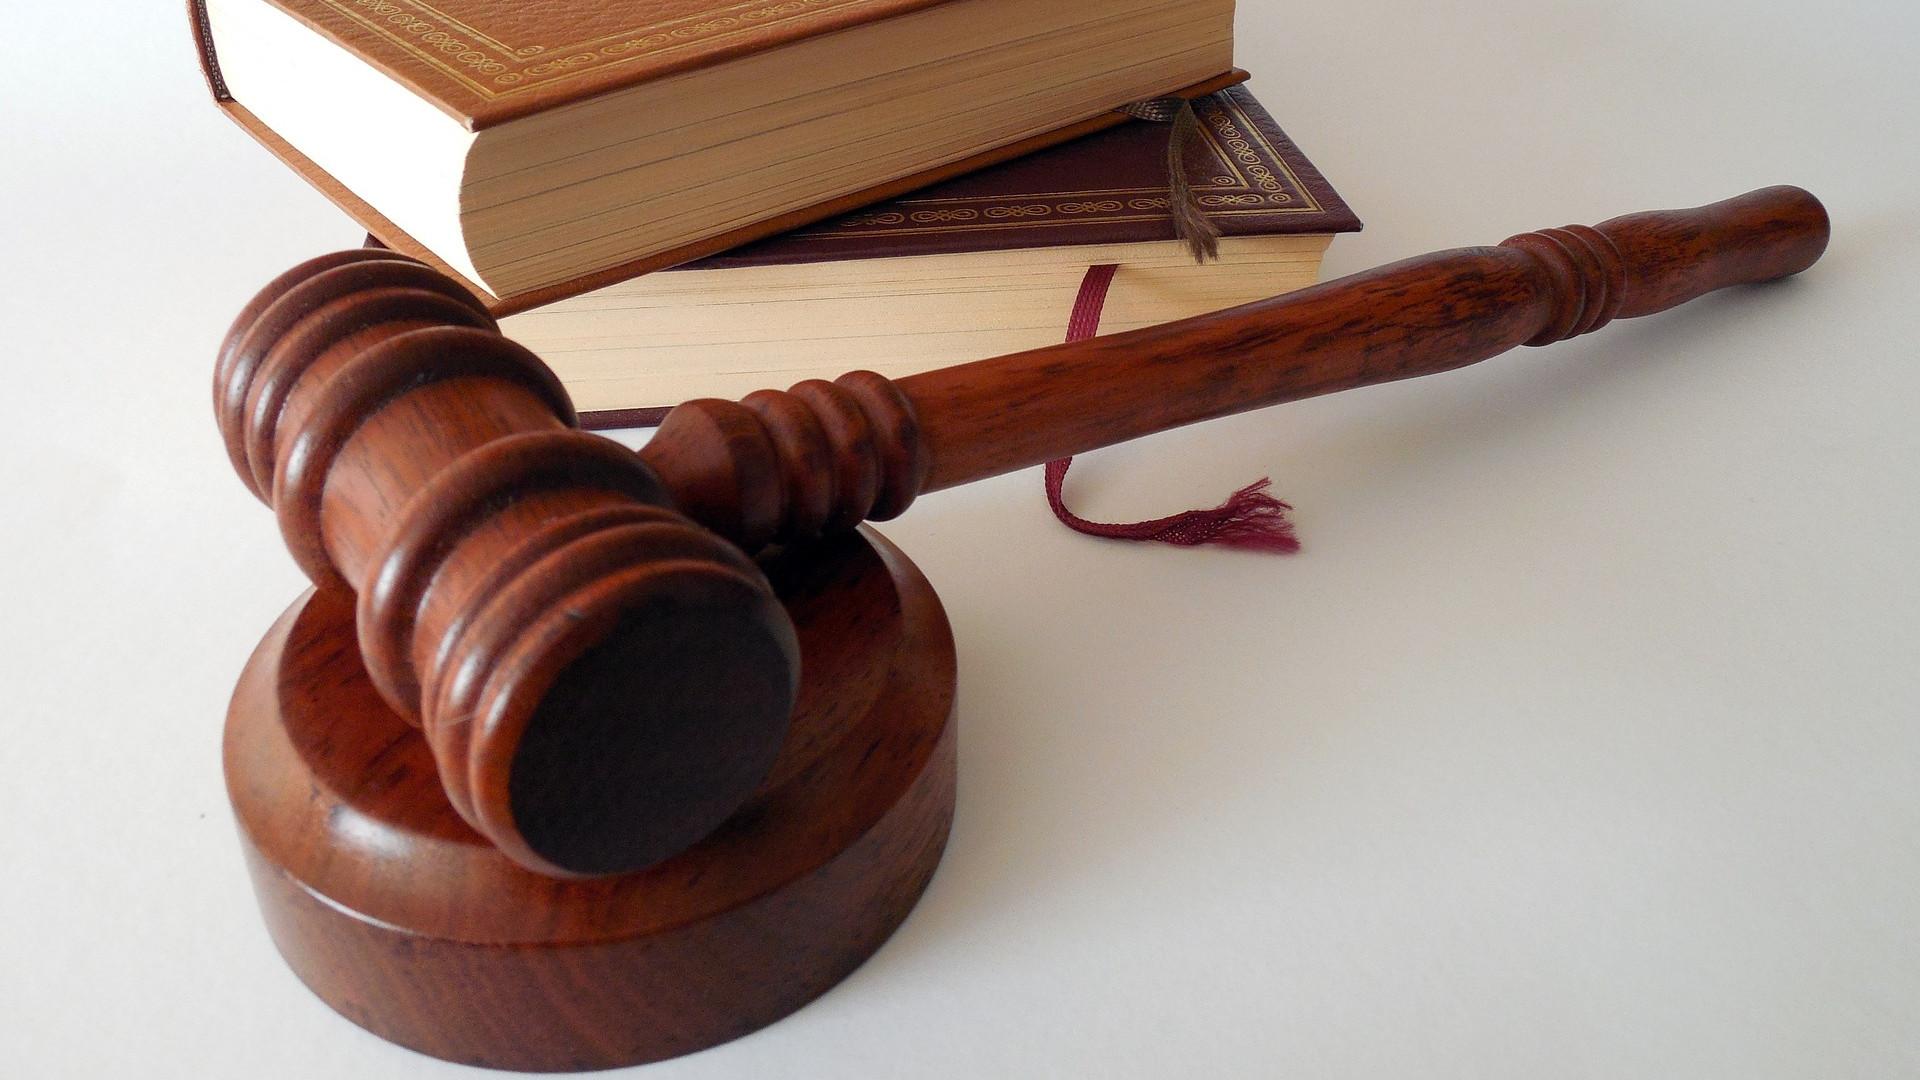 Арбитраж поддержал решение УФАС по делу о нарушении ООО «ГорТранс» антимонопольного закона